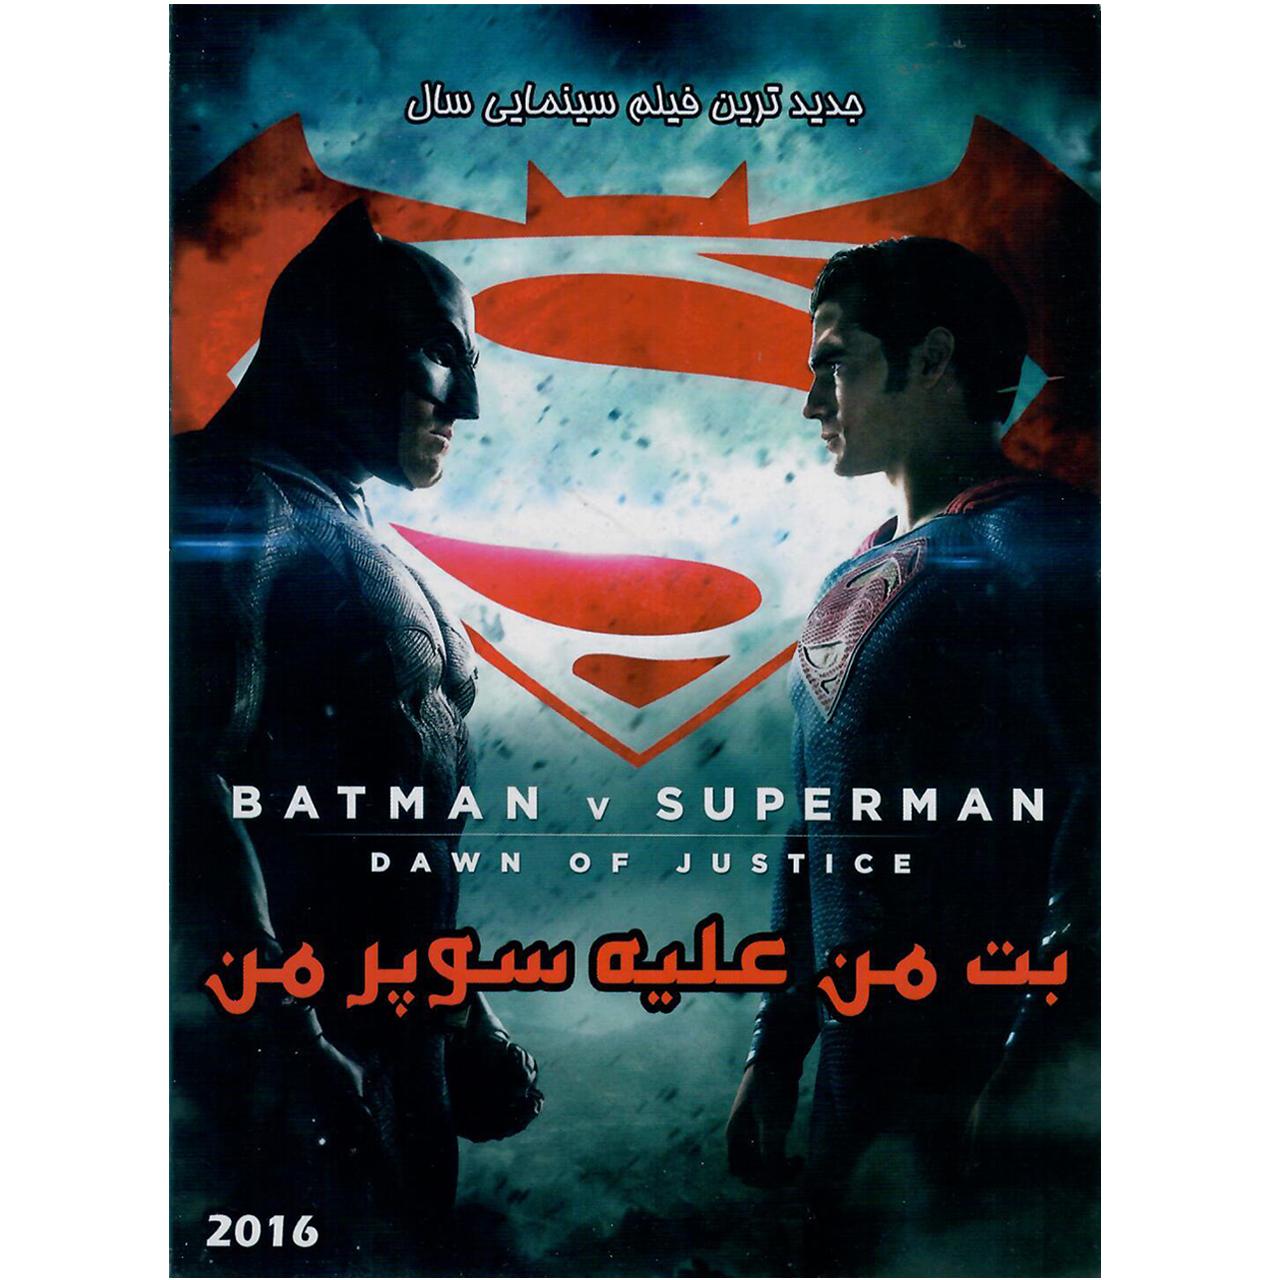 انیمیشن بت من علیه سوپرمن اثر ریک موریلز